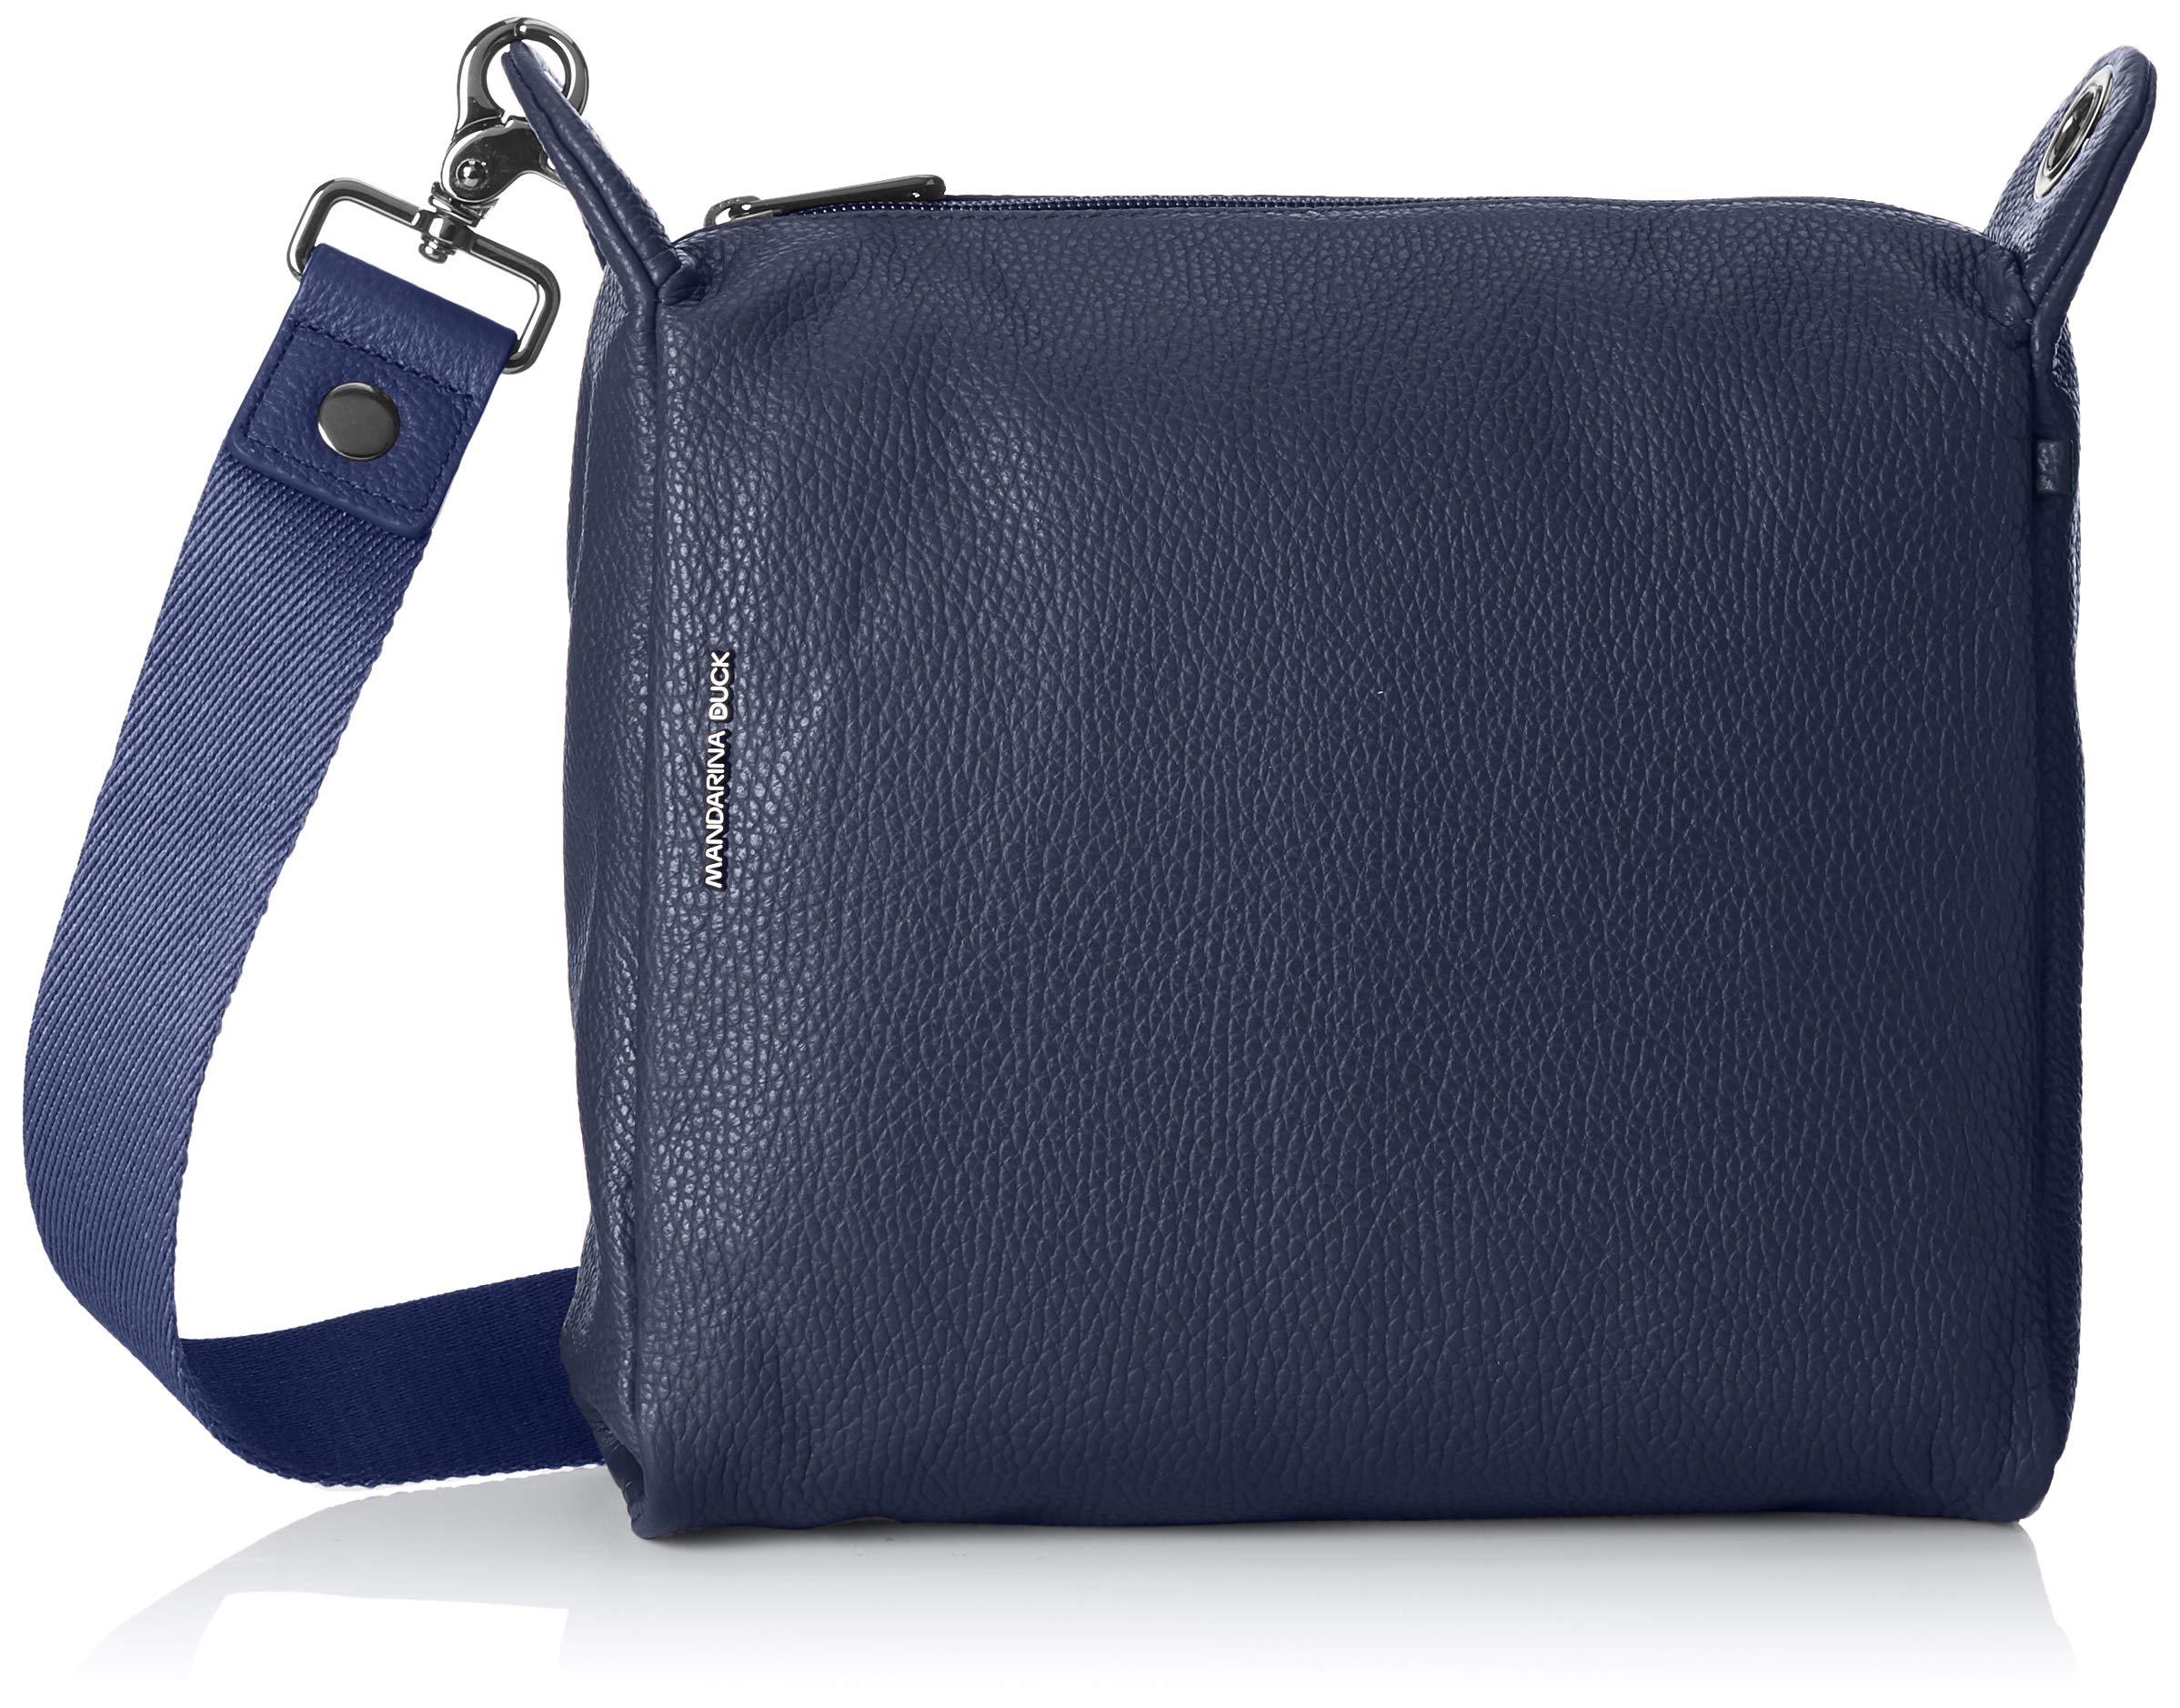 Mandarina Duck Handtaschen Taschen FZT52 dress blue Blau COsAq